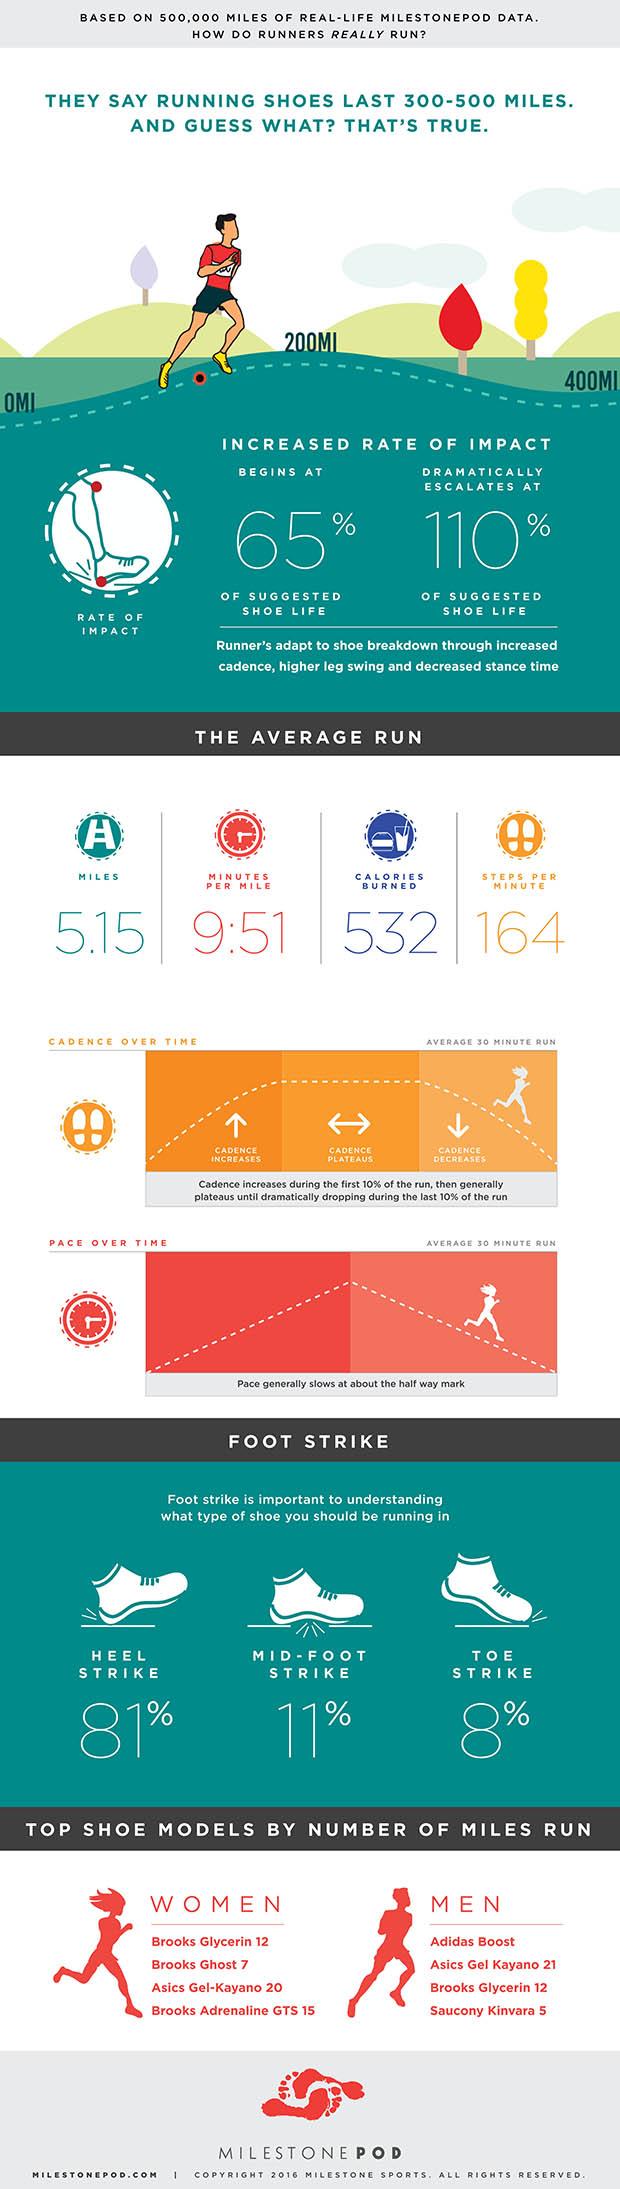 Milestone Pod infographic